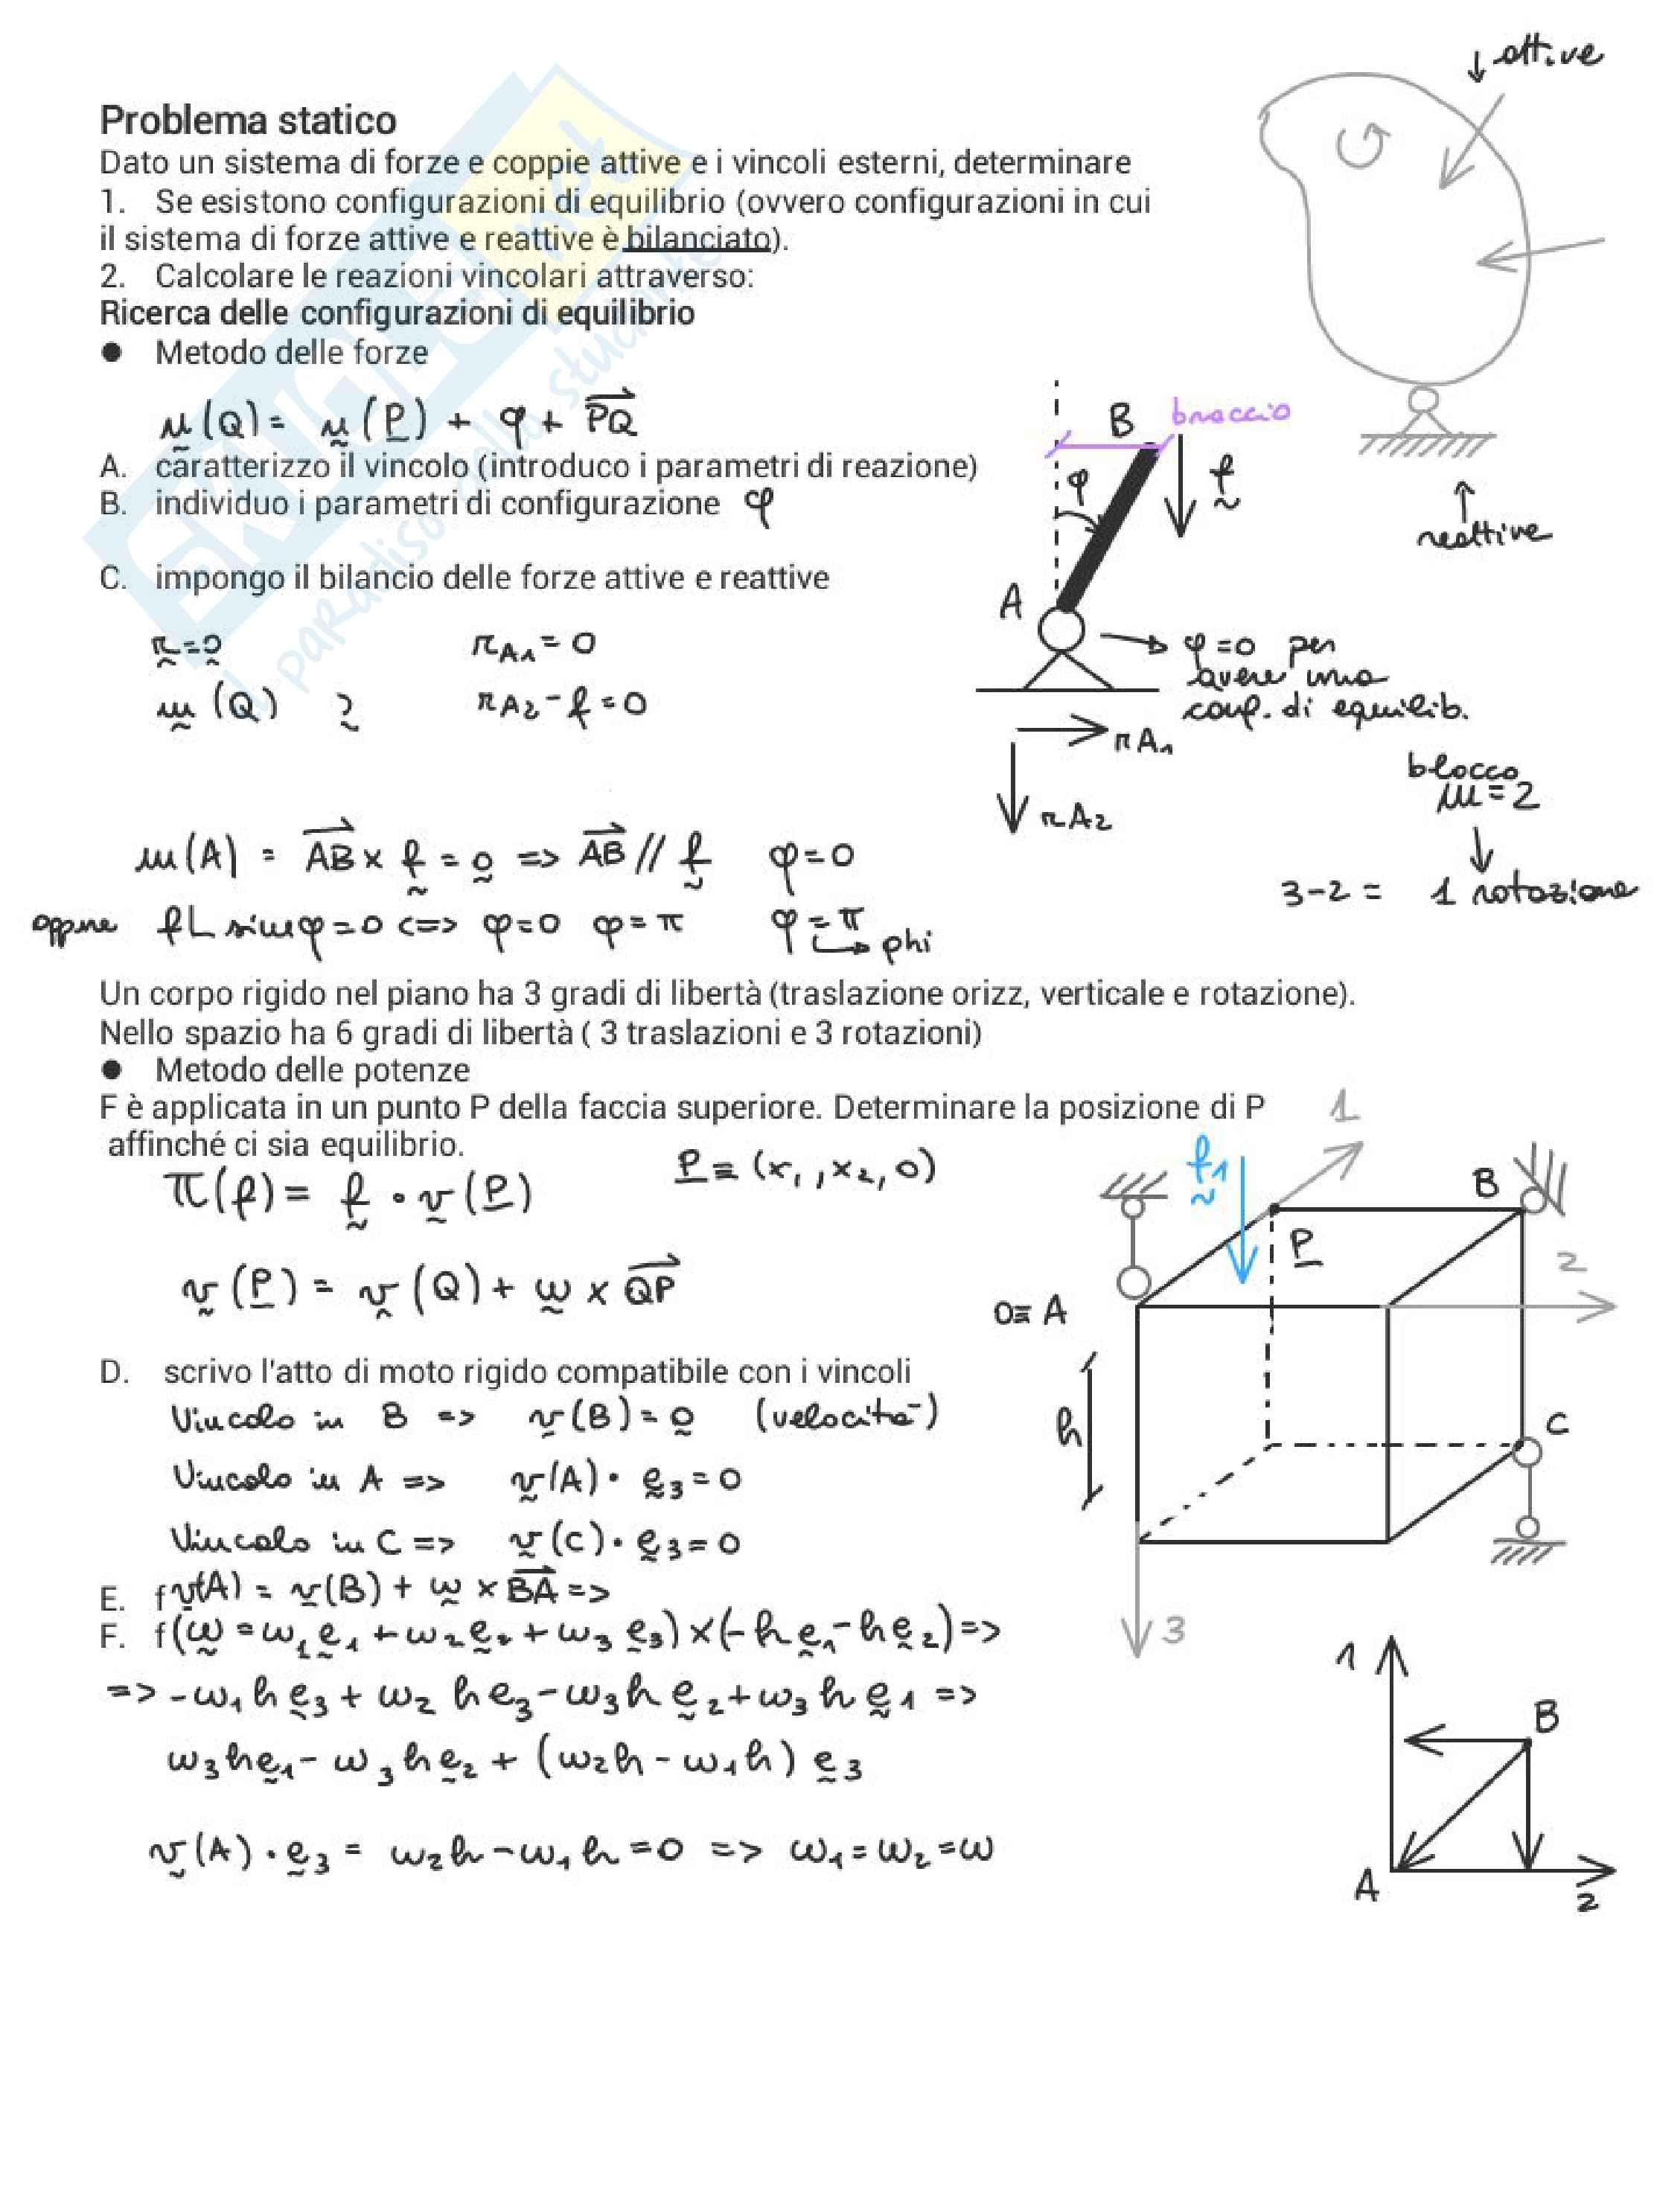 Meccanica delle strutture / statica Pag. 31